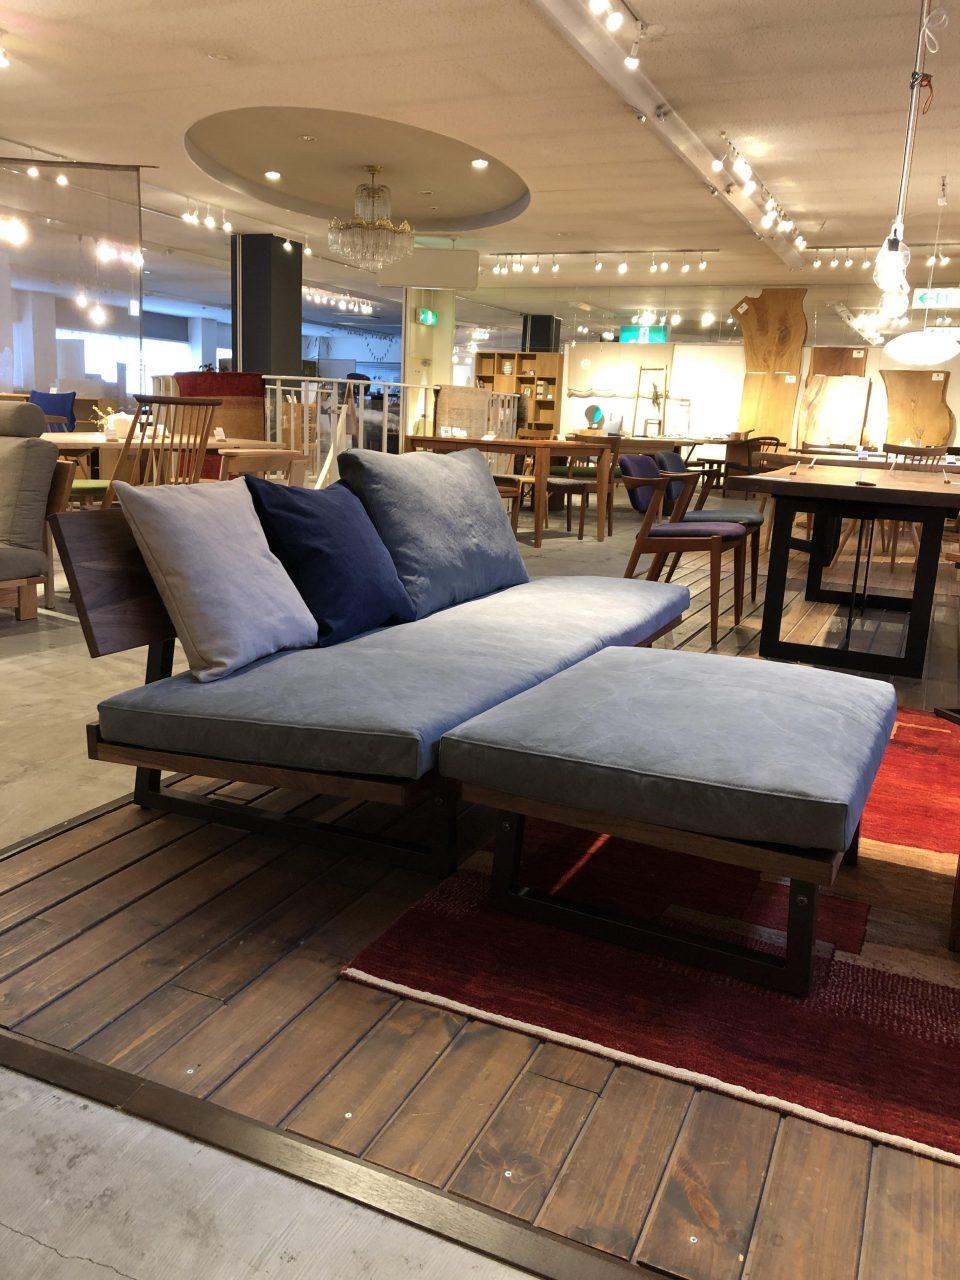 広松木工のフレックスソファは、3人掛けとオットマンでカウチソファとしても使えます